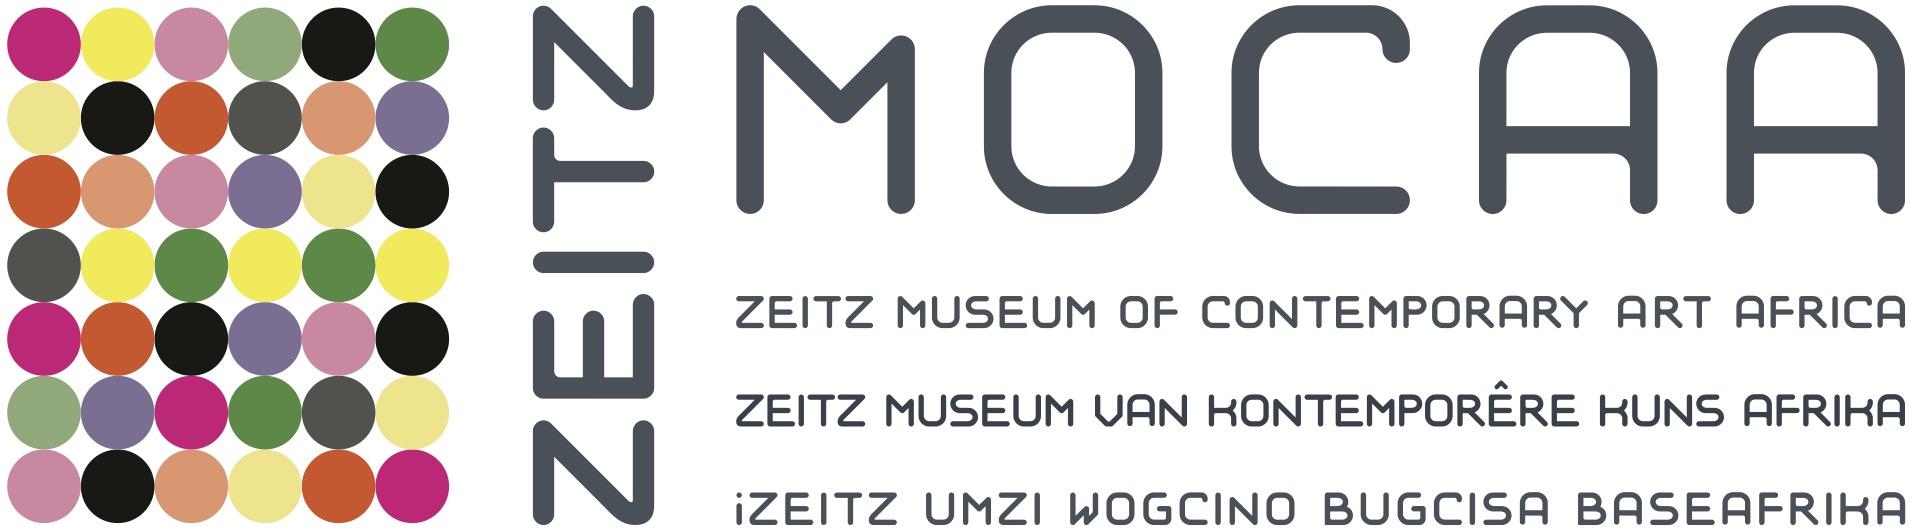 OFFICIAL_ZEITZ_MoCAA_LOGO_COLOUR01 copy.jpg